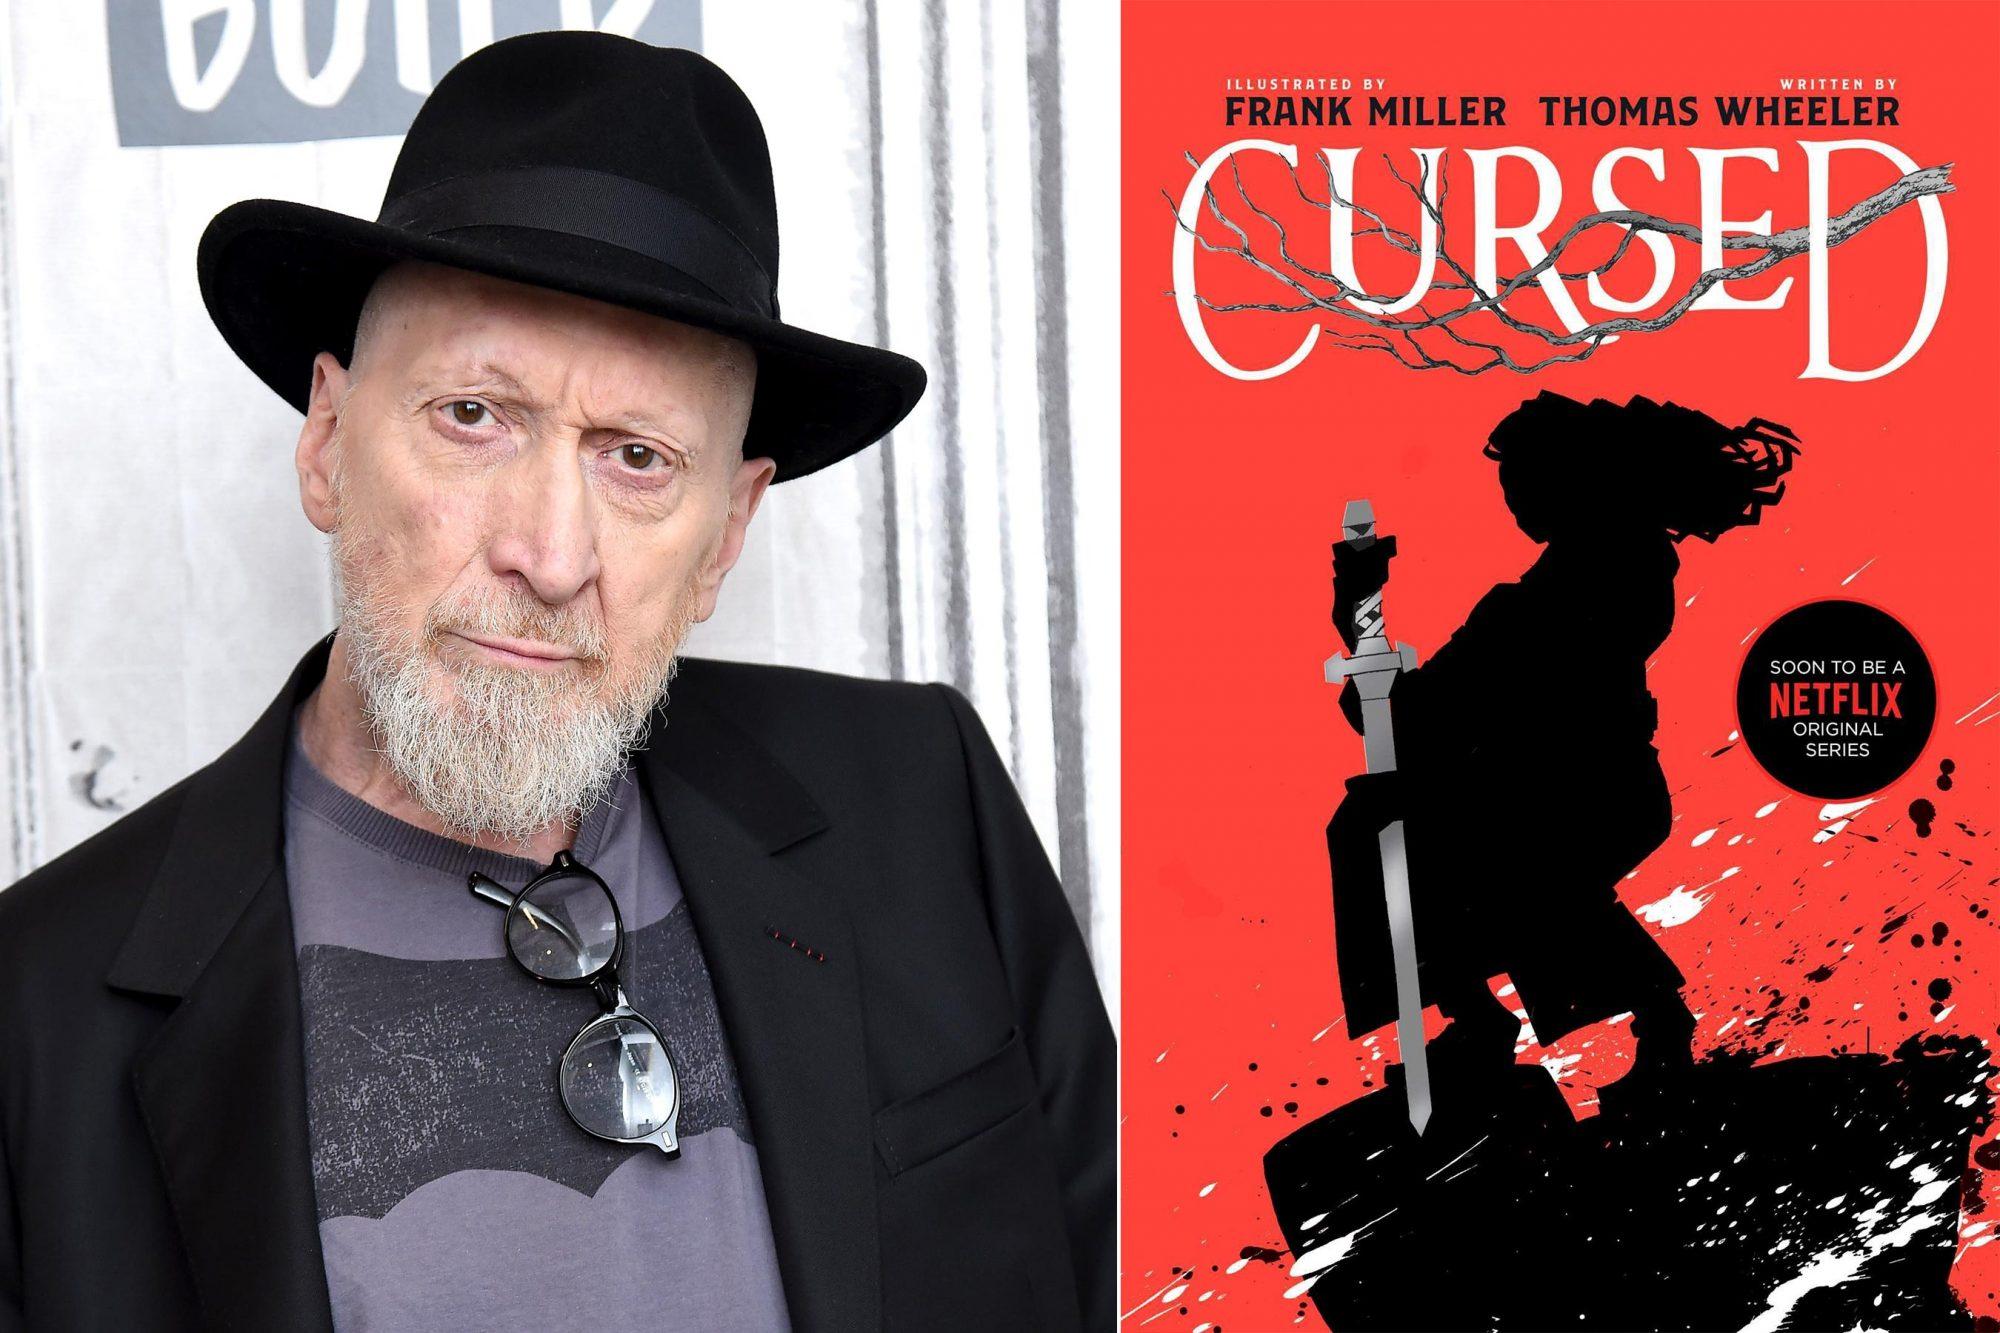 Frank Miller / Cursed